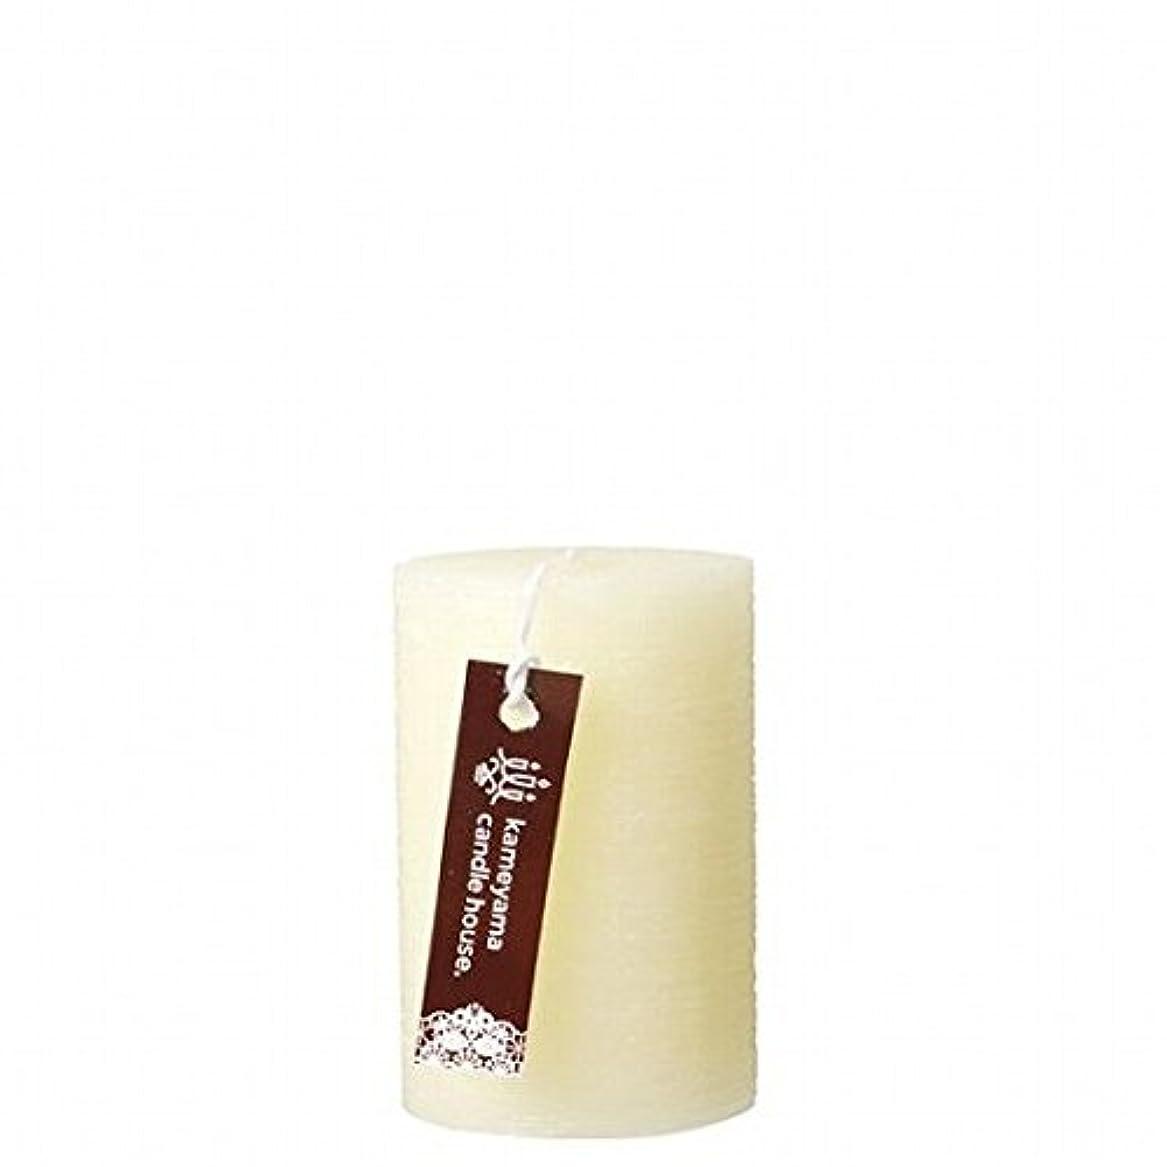 剥離おもてなし洞察力kameyama candle(カメヤマキャンドル) ブラッシュピラー2×3 「 アイボリー 」(A8310000IV)